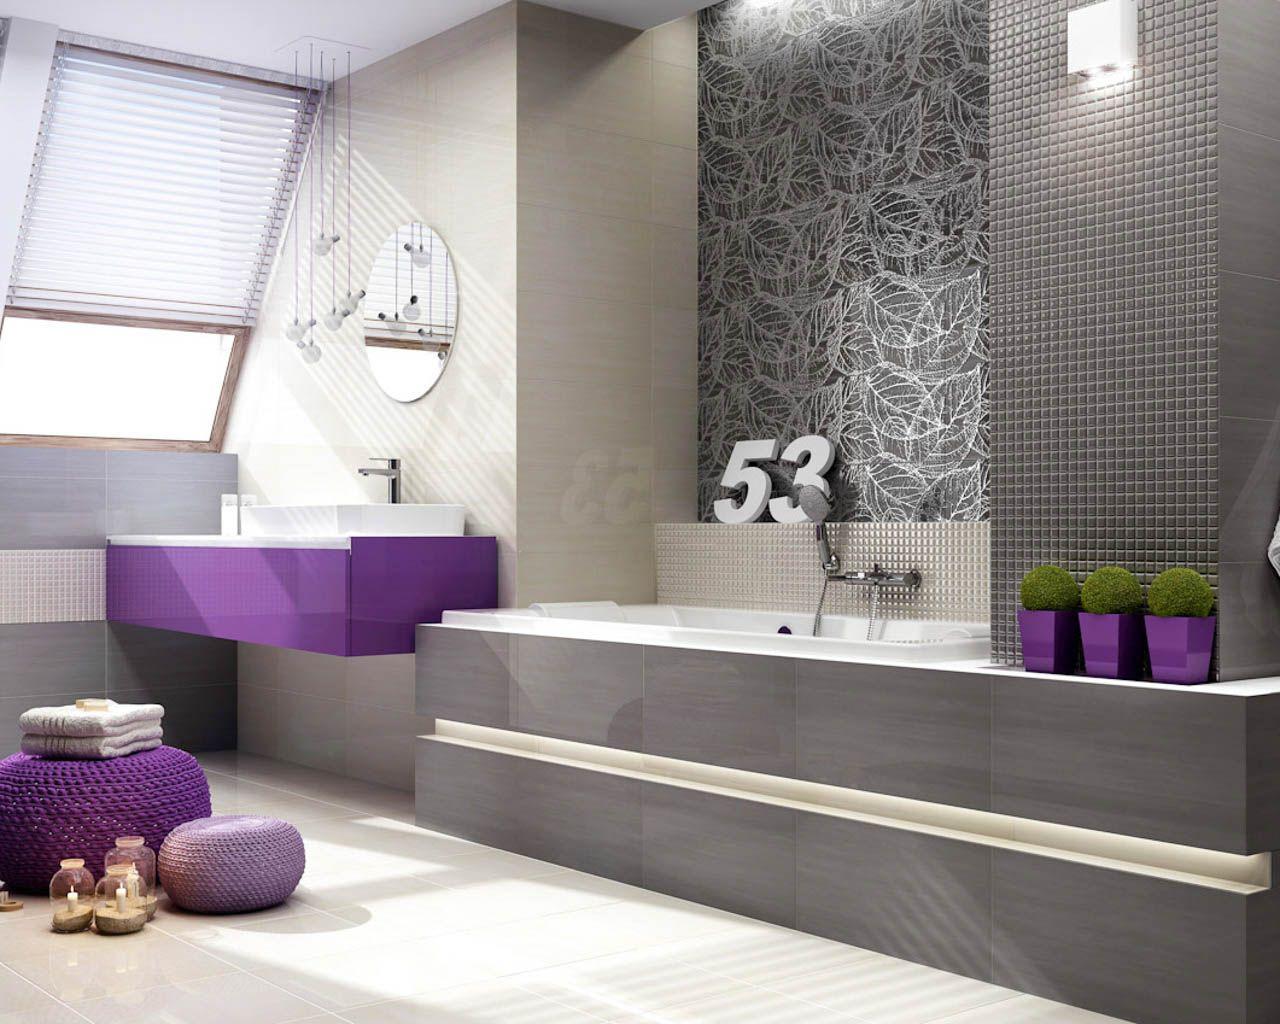 Grau-weißes Bad mit Schrägen und bunten Akzenten | Ceramika Paradyz